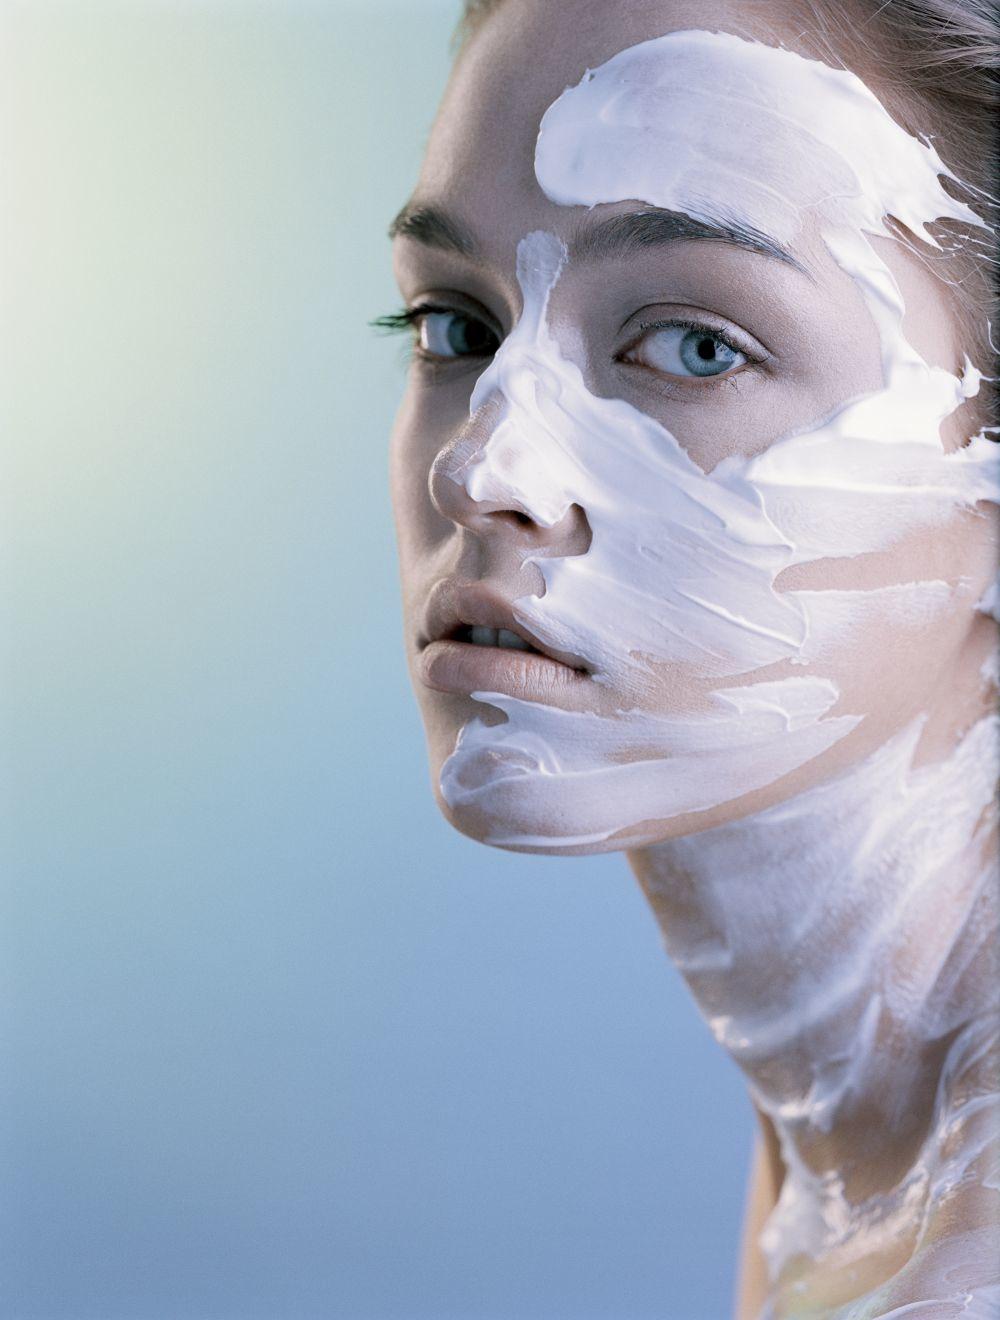 Los laboratorios han optado por incorporar texturas especiales más fluidas y que se funden con la piel en sus cremas más económicas.